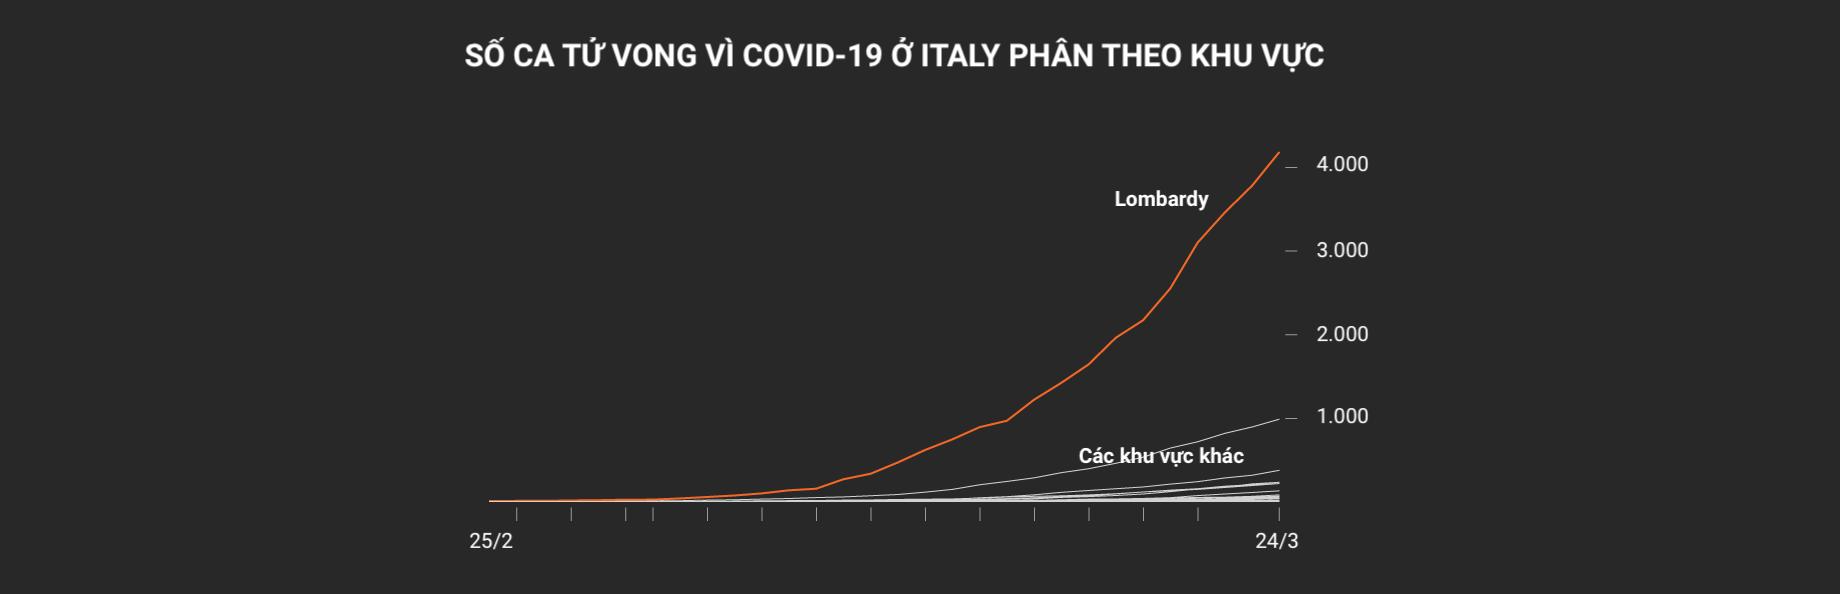 Toàn cảnh đại dịch Covid-19 tại nước Ý: Nghĩa địa lộ thiên - Ảnh 3.